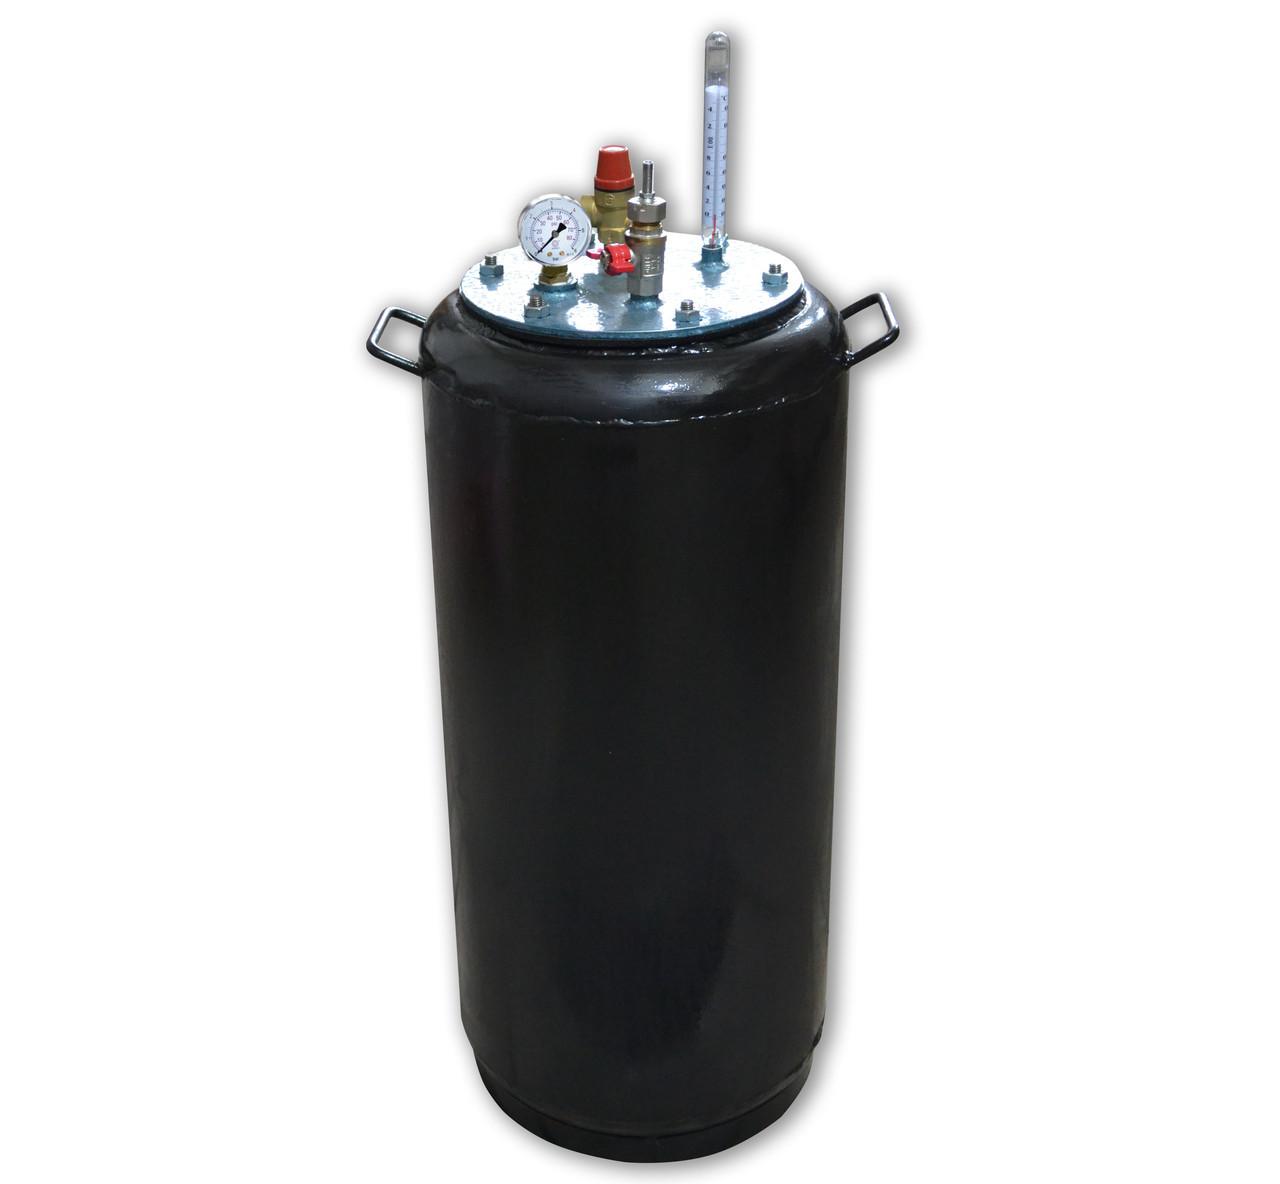 Автоклав большой бытовой Утех40 (черная сталь 2.5 мм / 40 банок 0,5)